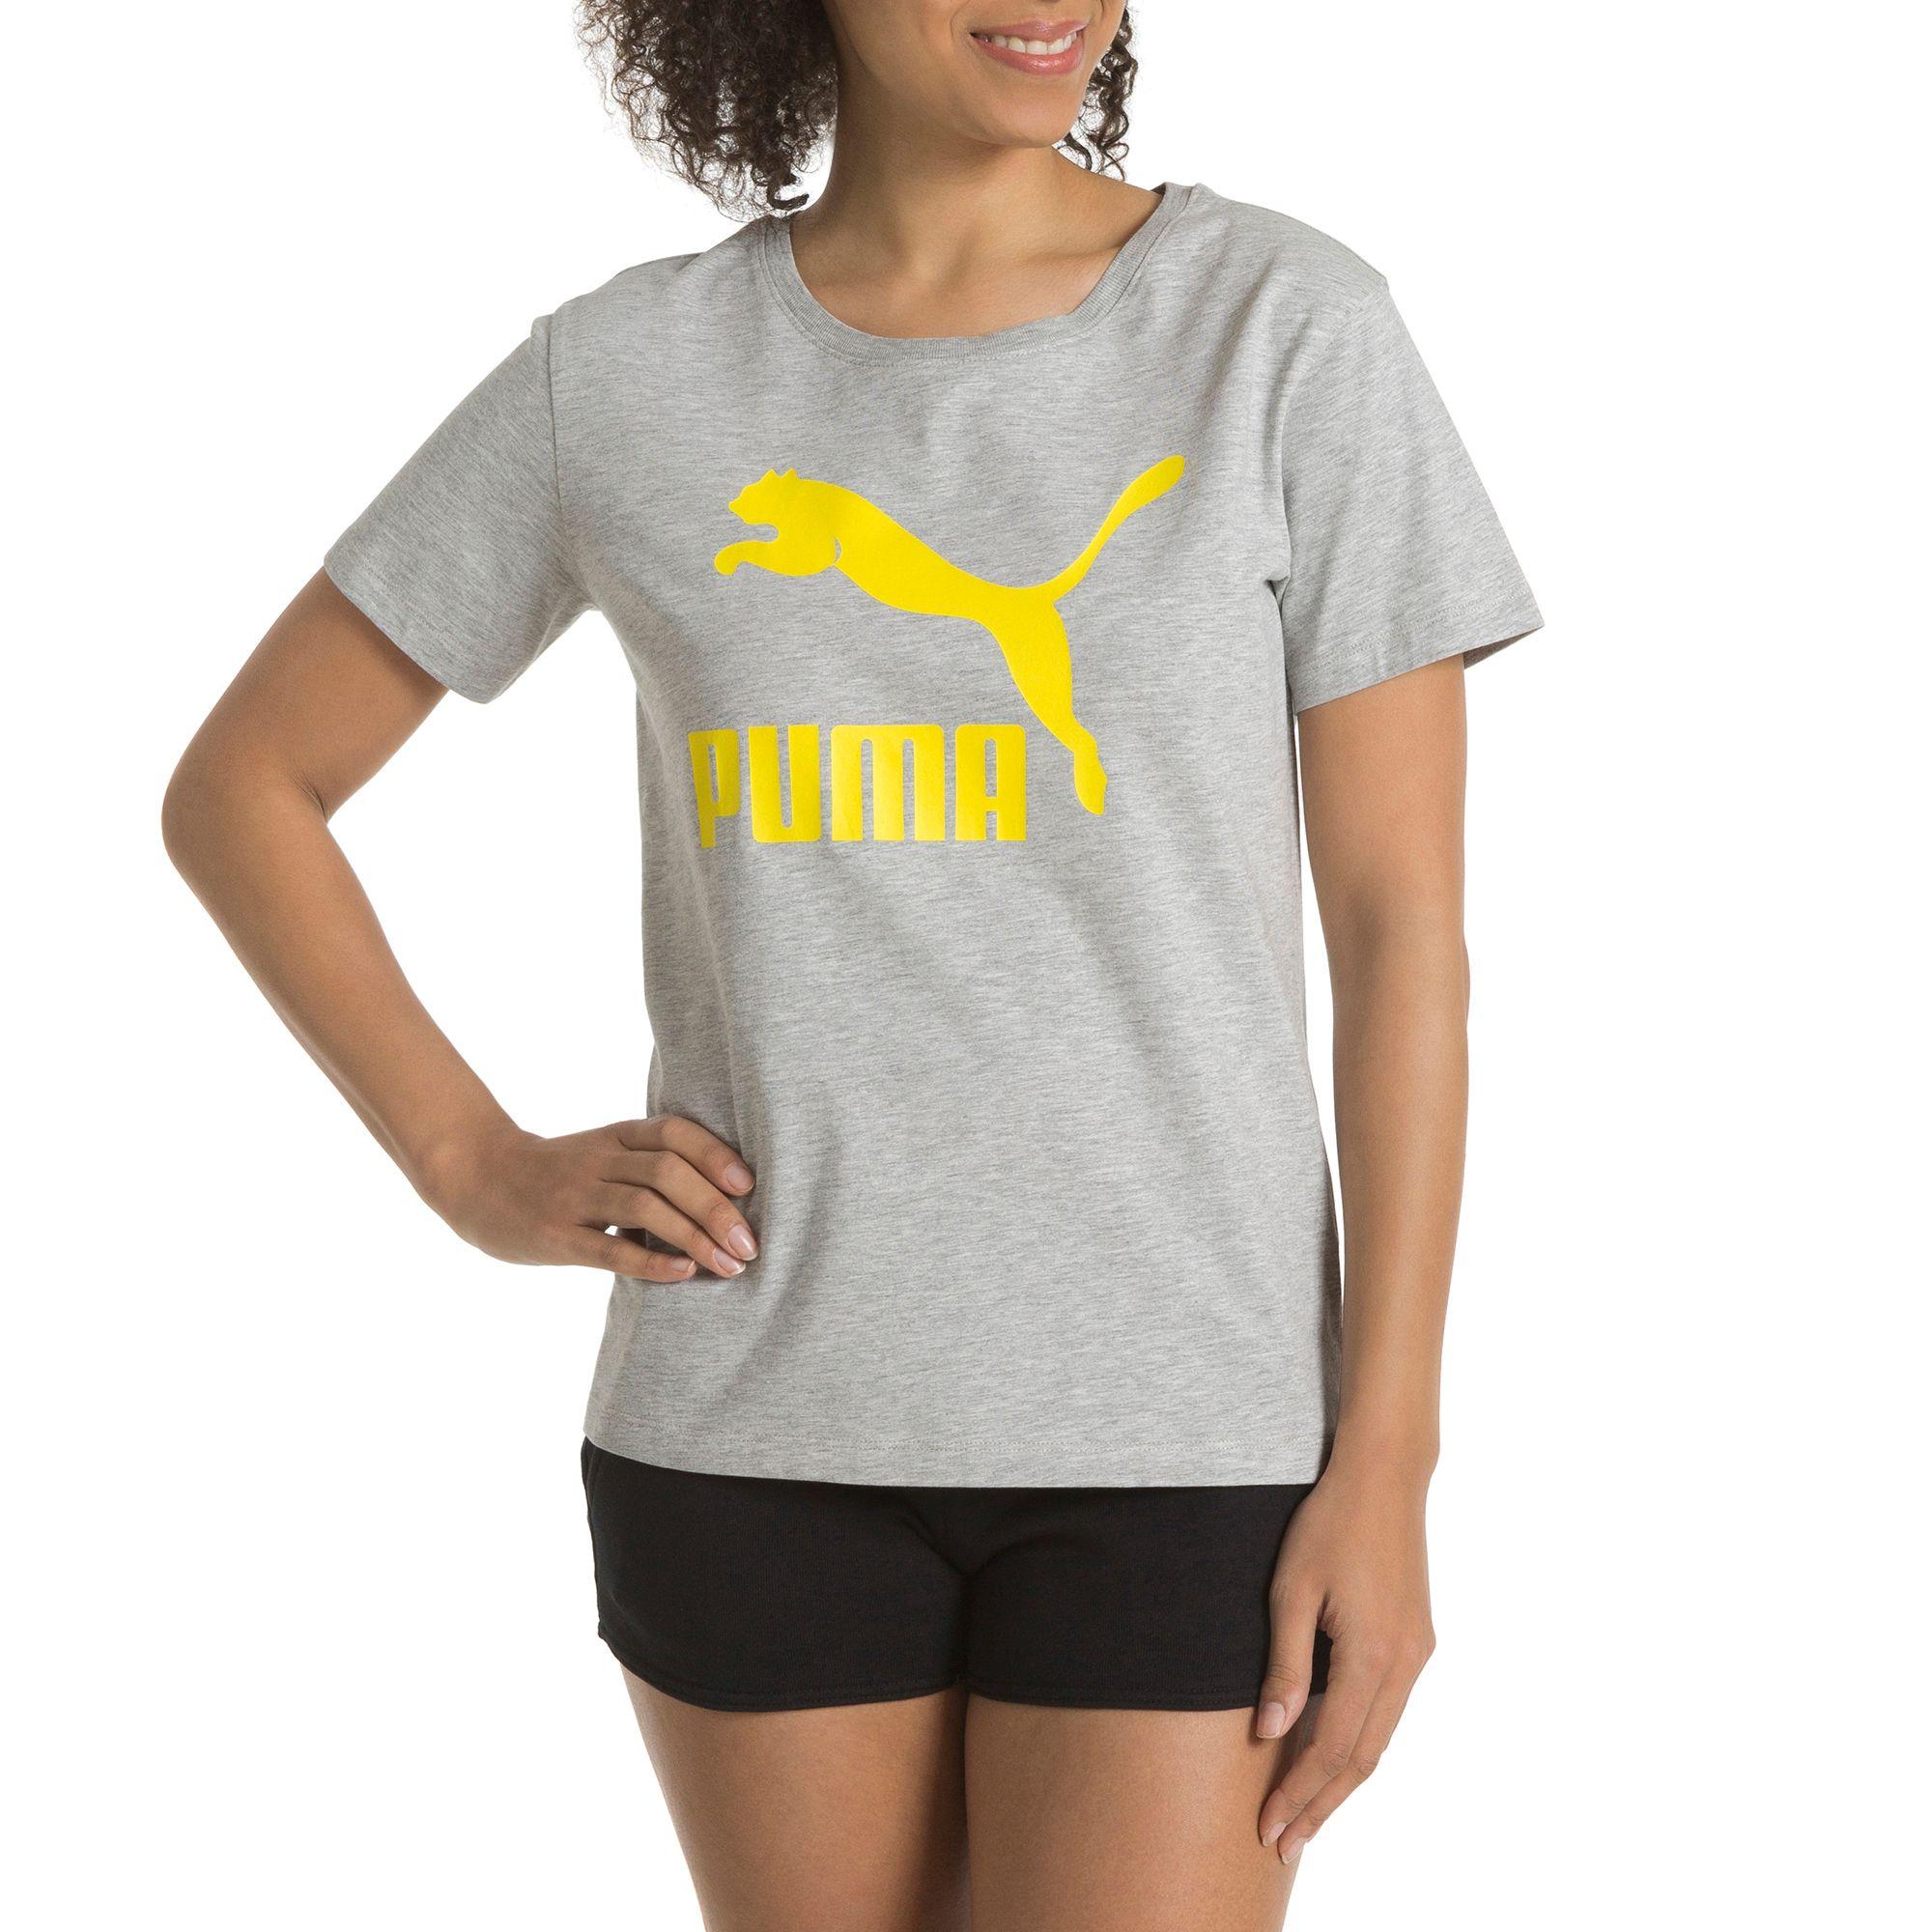 puma damen no 1 logo t shirt sport classics t shirt frauen neu. Black Bedroom Furniture Sets. Home Design Ideas